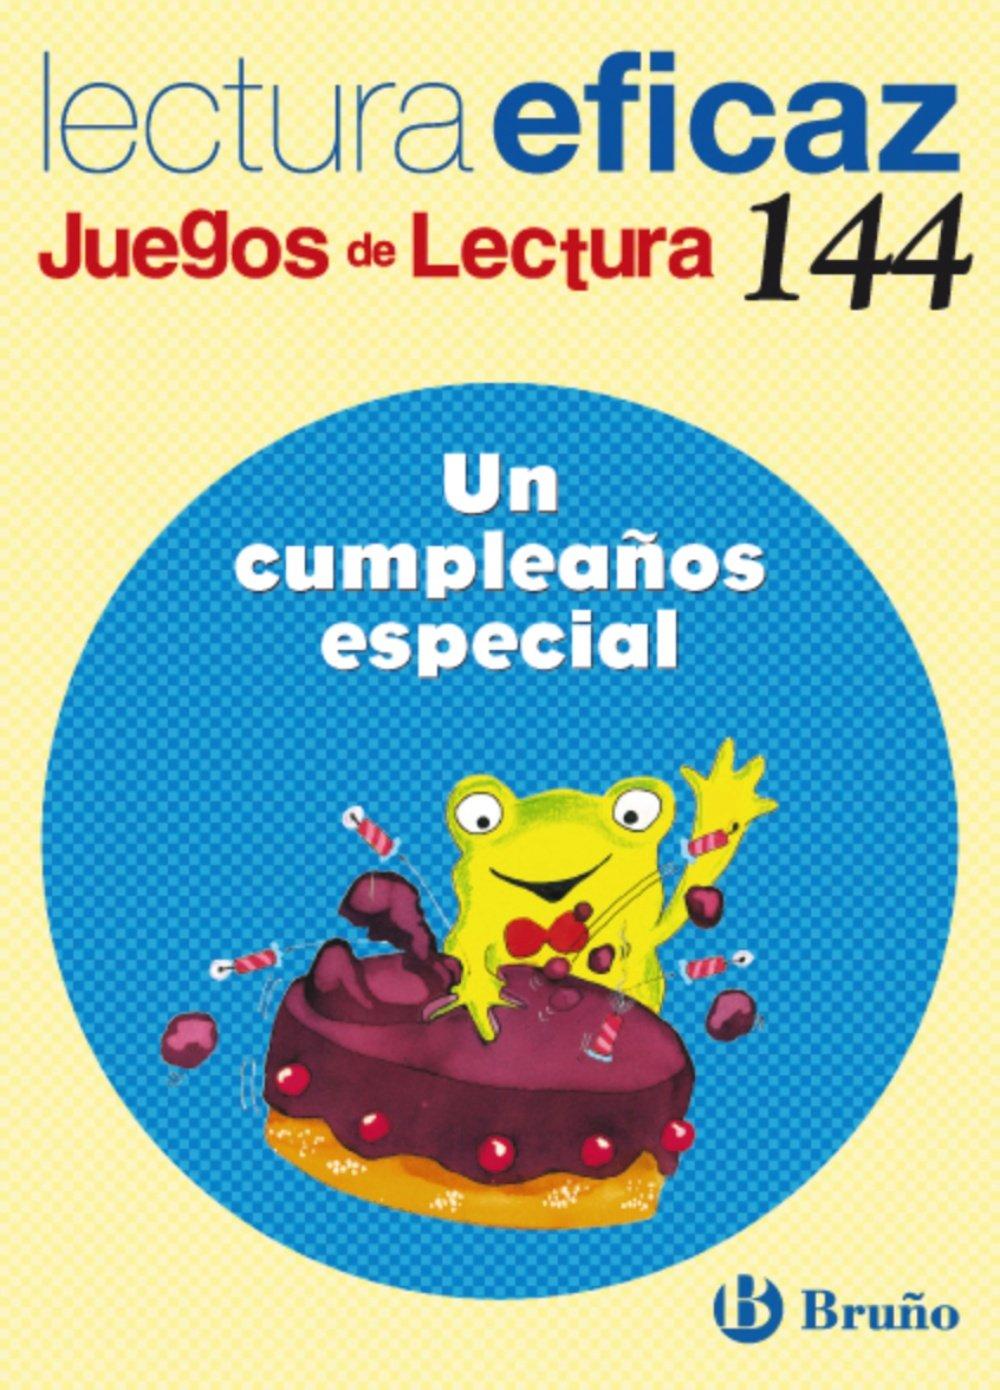 Un cumpleaños especial Juego de Lectura (Castellano - Material Complementario - Juegos De Lectura) - 9788421663400